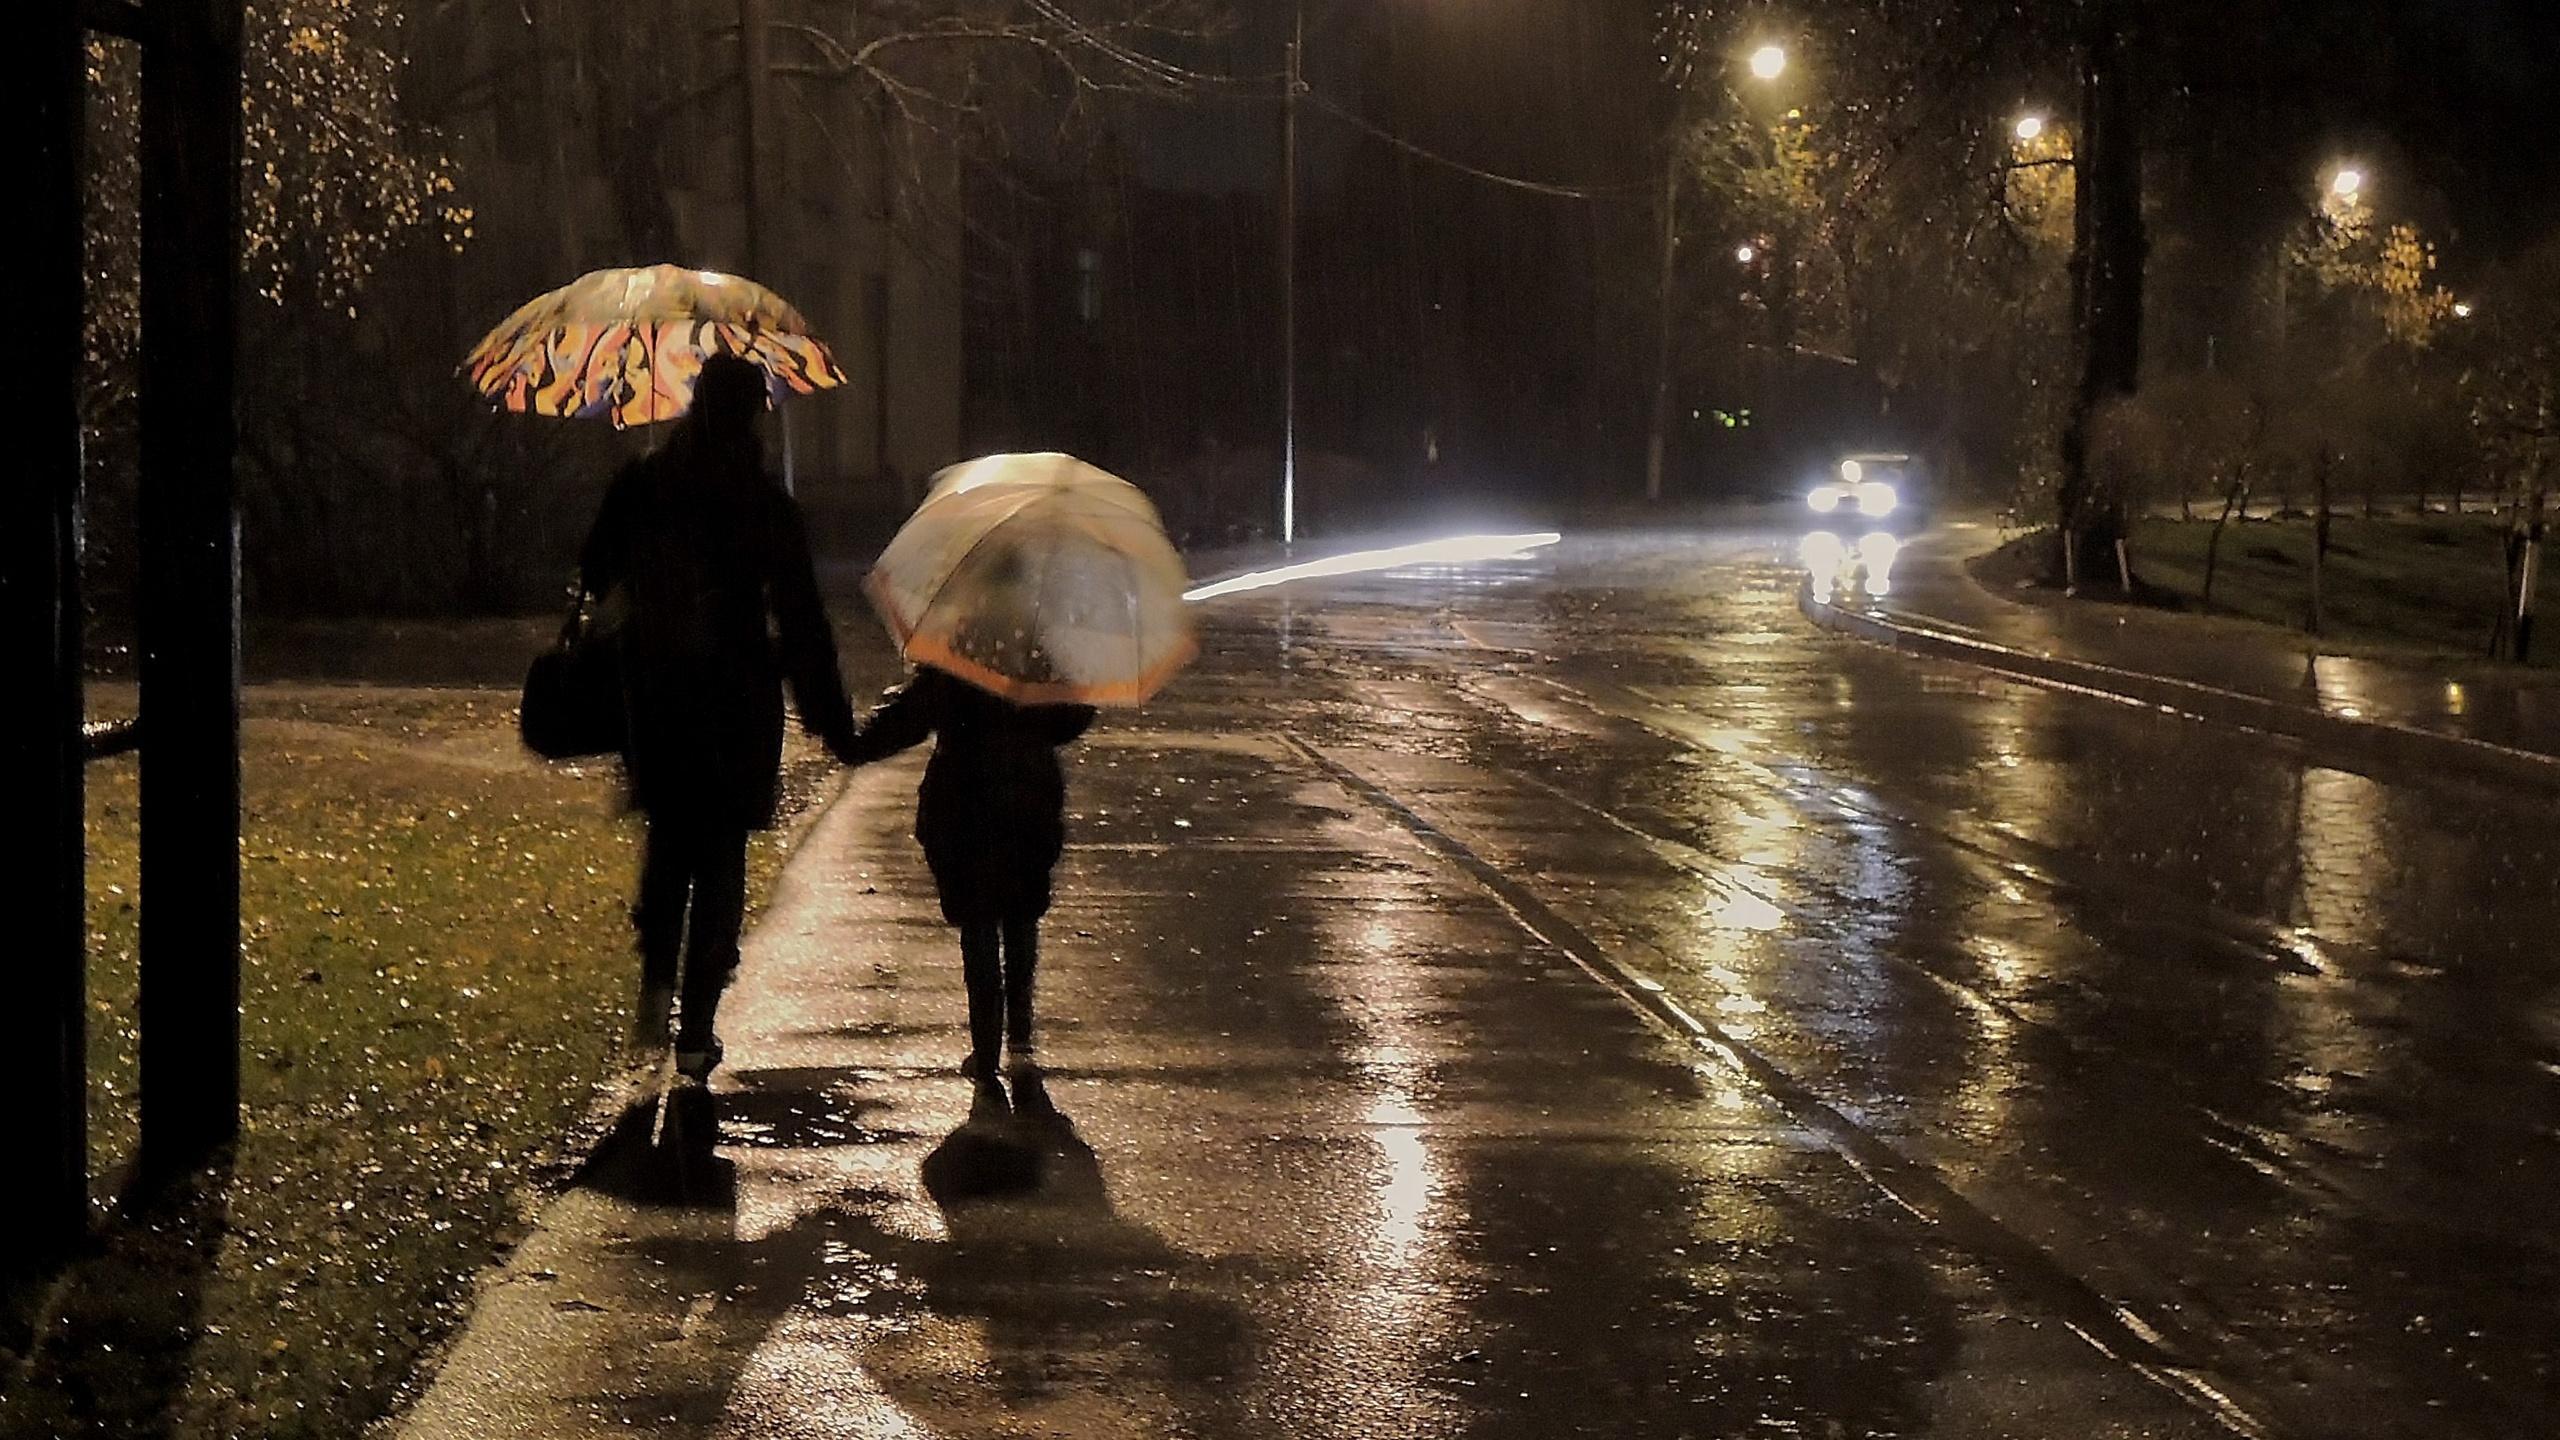 картинки погода вечером такое изображение станет